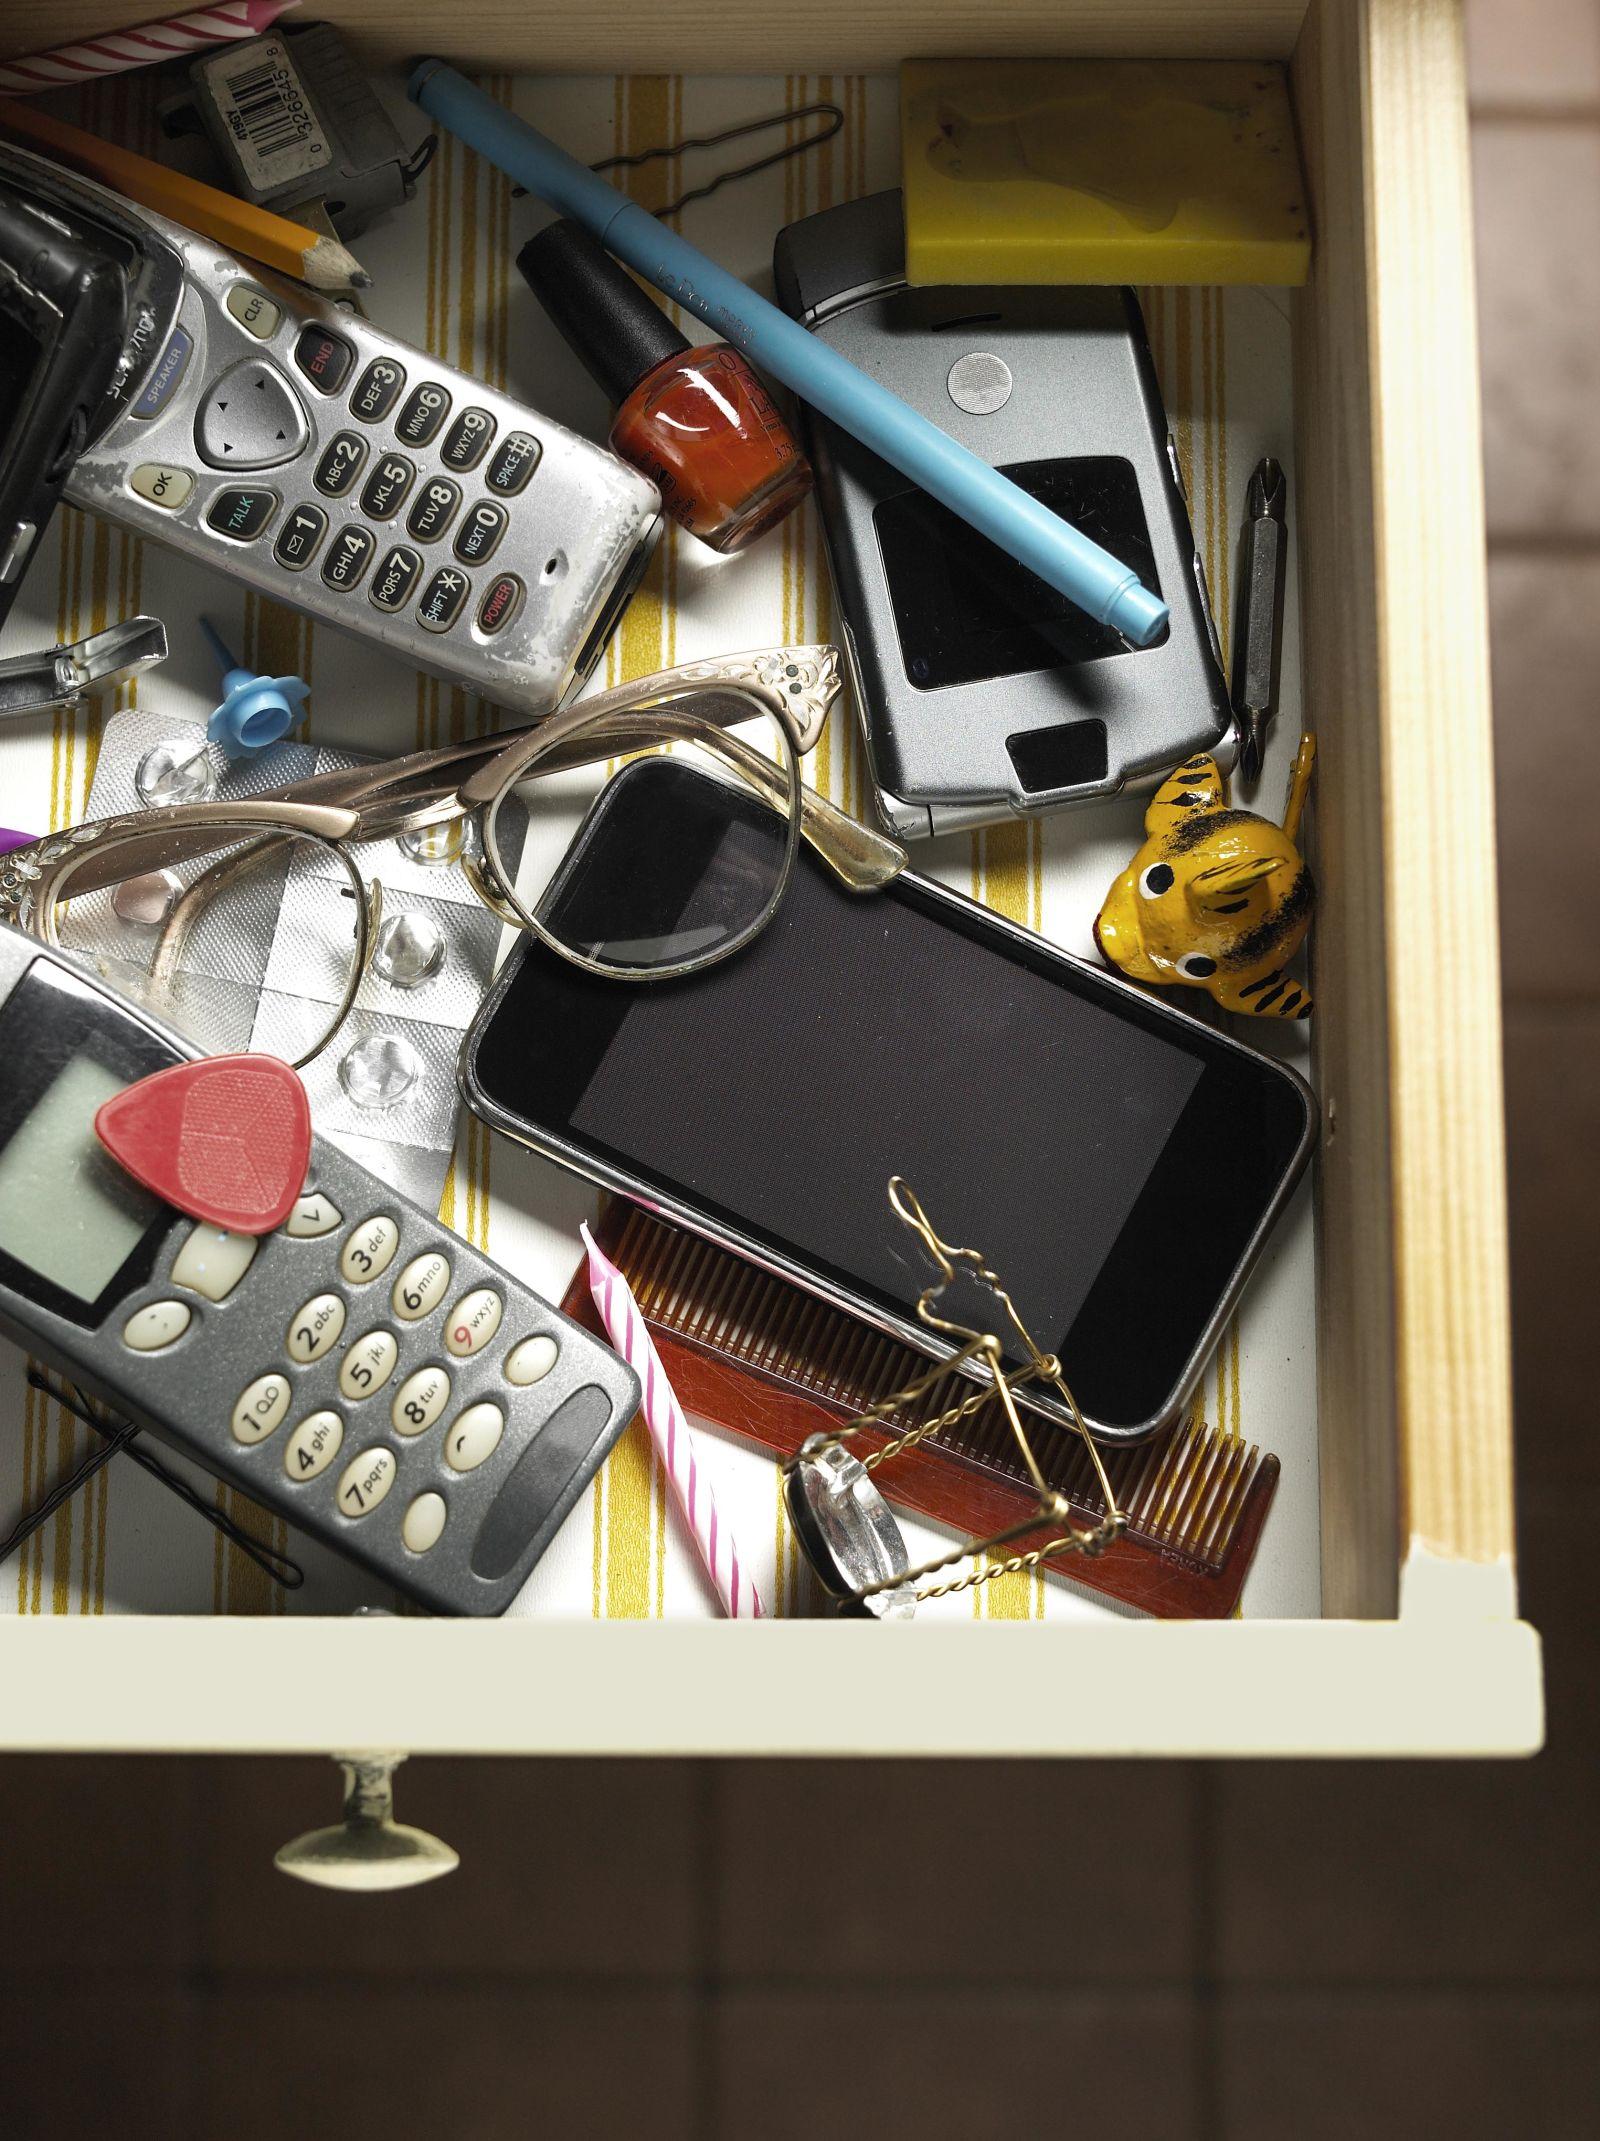 Картинки по запросу Сотовый телефон bedroom Decoration disasters: Remove This From Your Bedroom Immediately 1475566262 bedroom technology